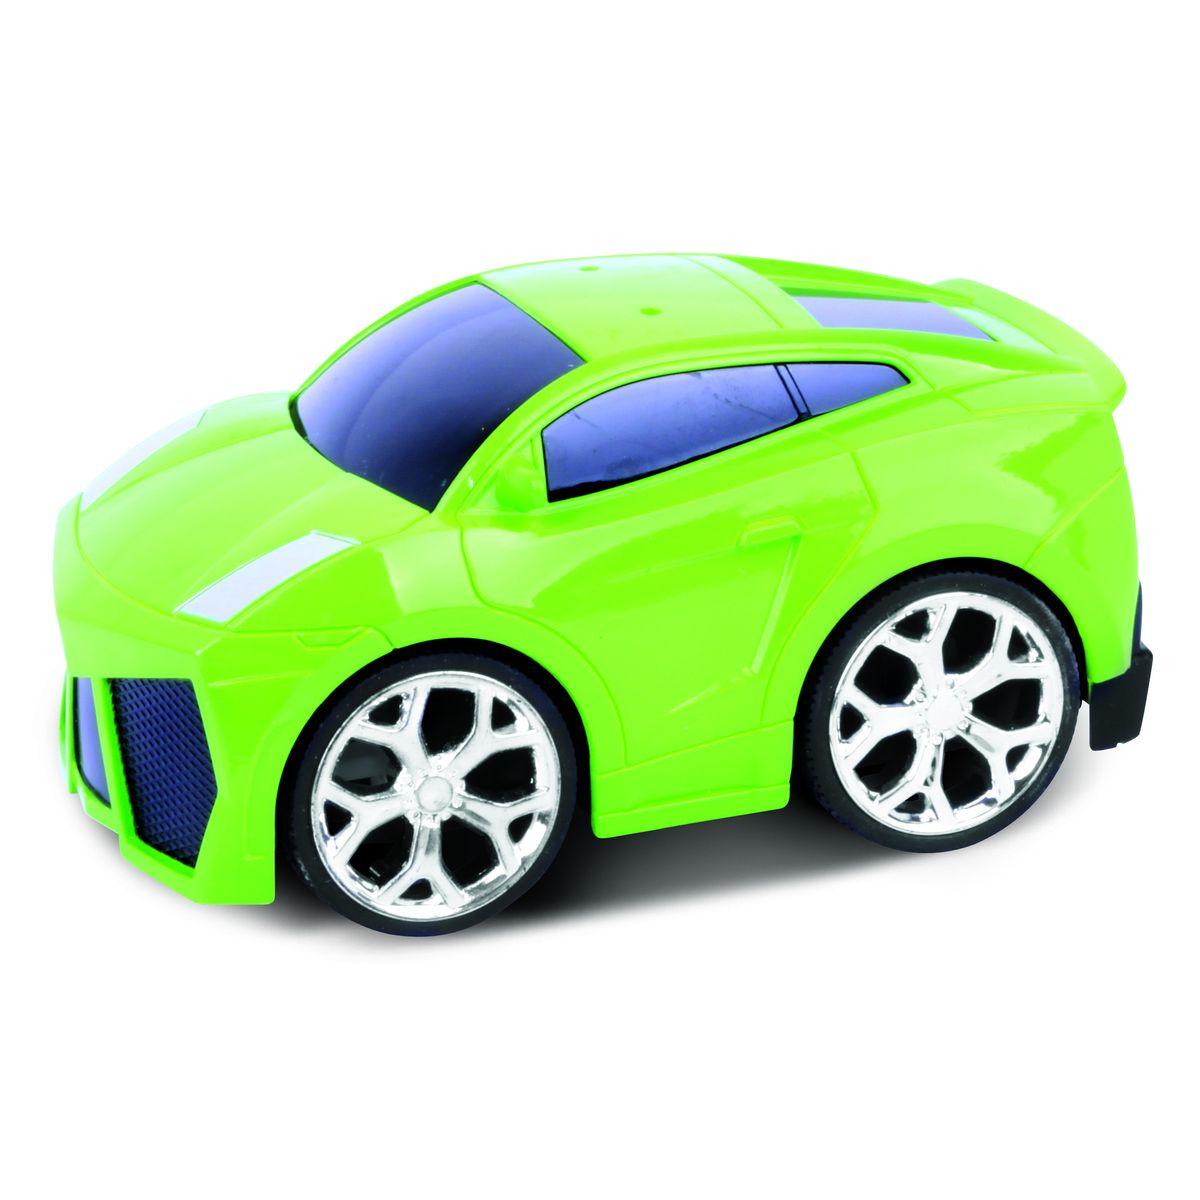 Bluesea Машинка на радиоуправлении Racing Car цвет зеленый bluesea машинка на радиоуправлении racing car цвет синий